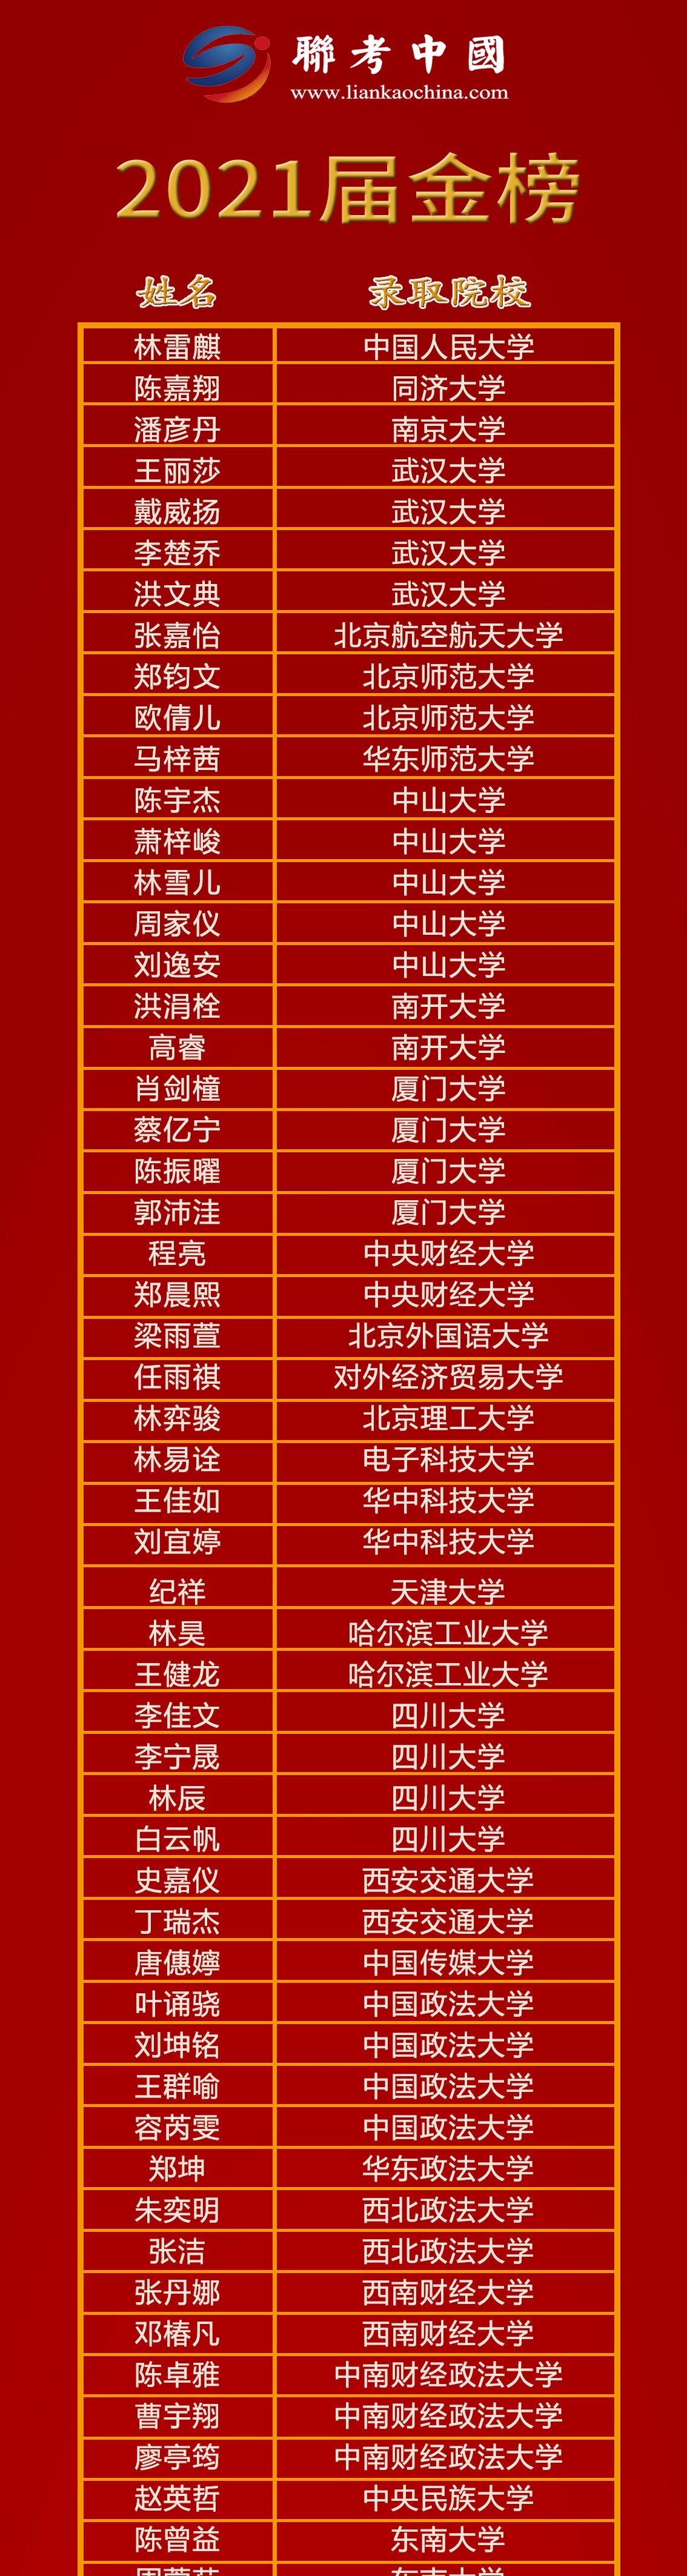 2021届联考中国金榜